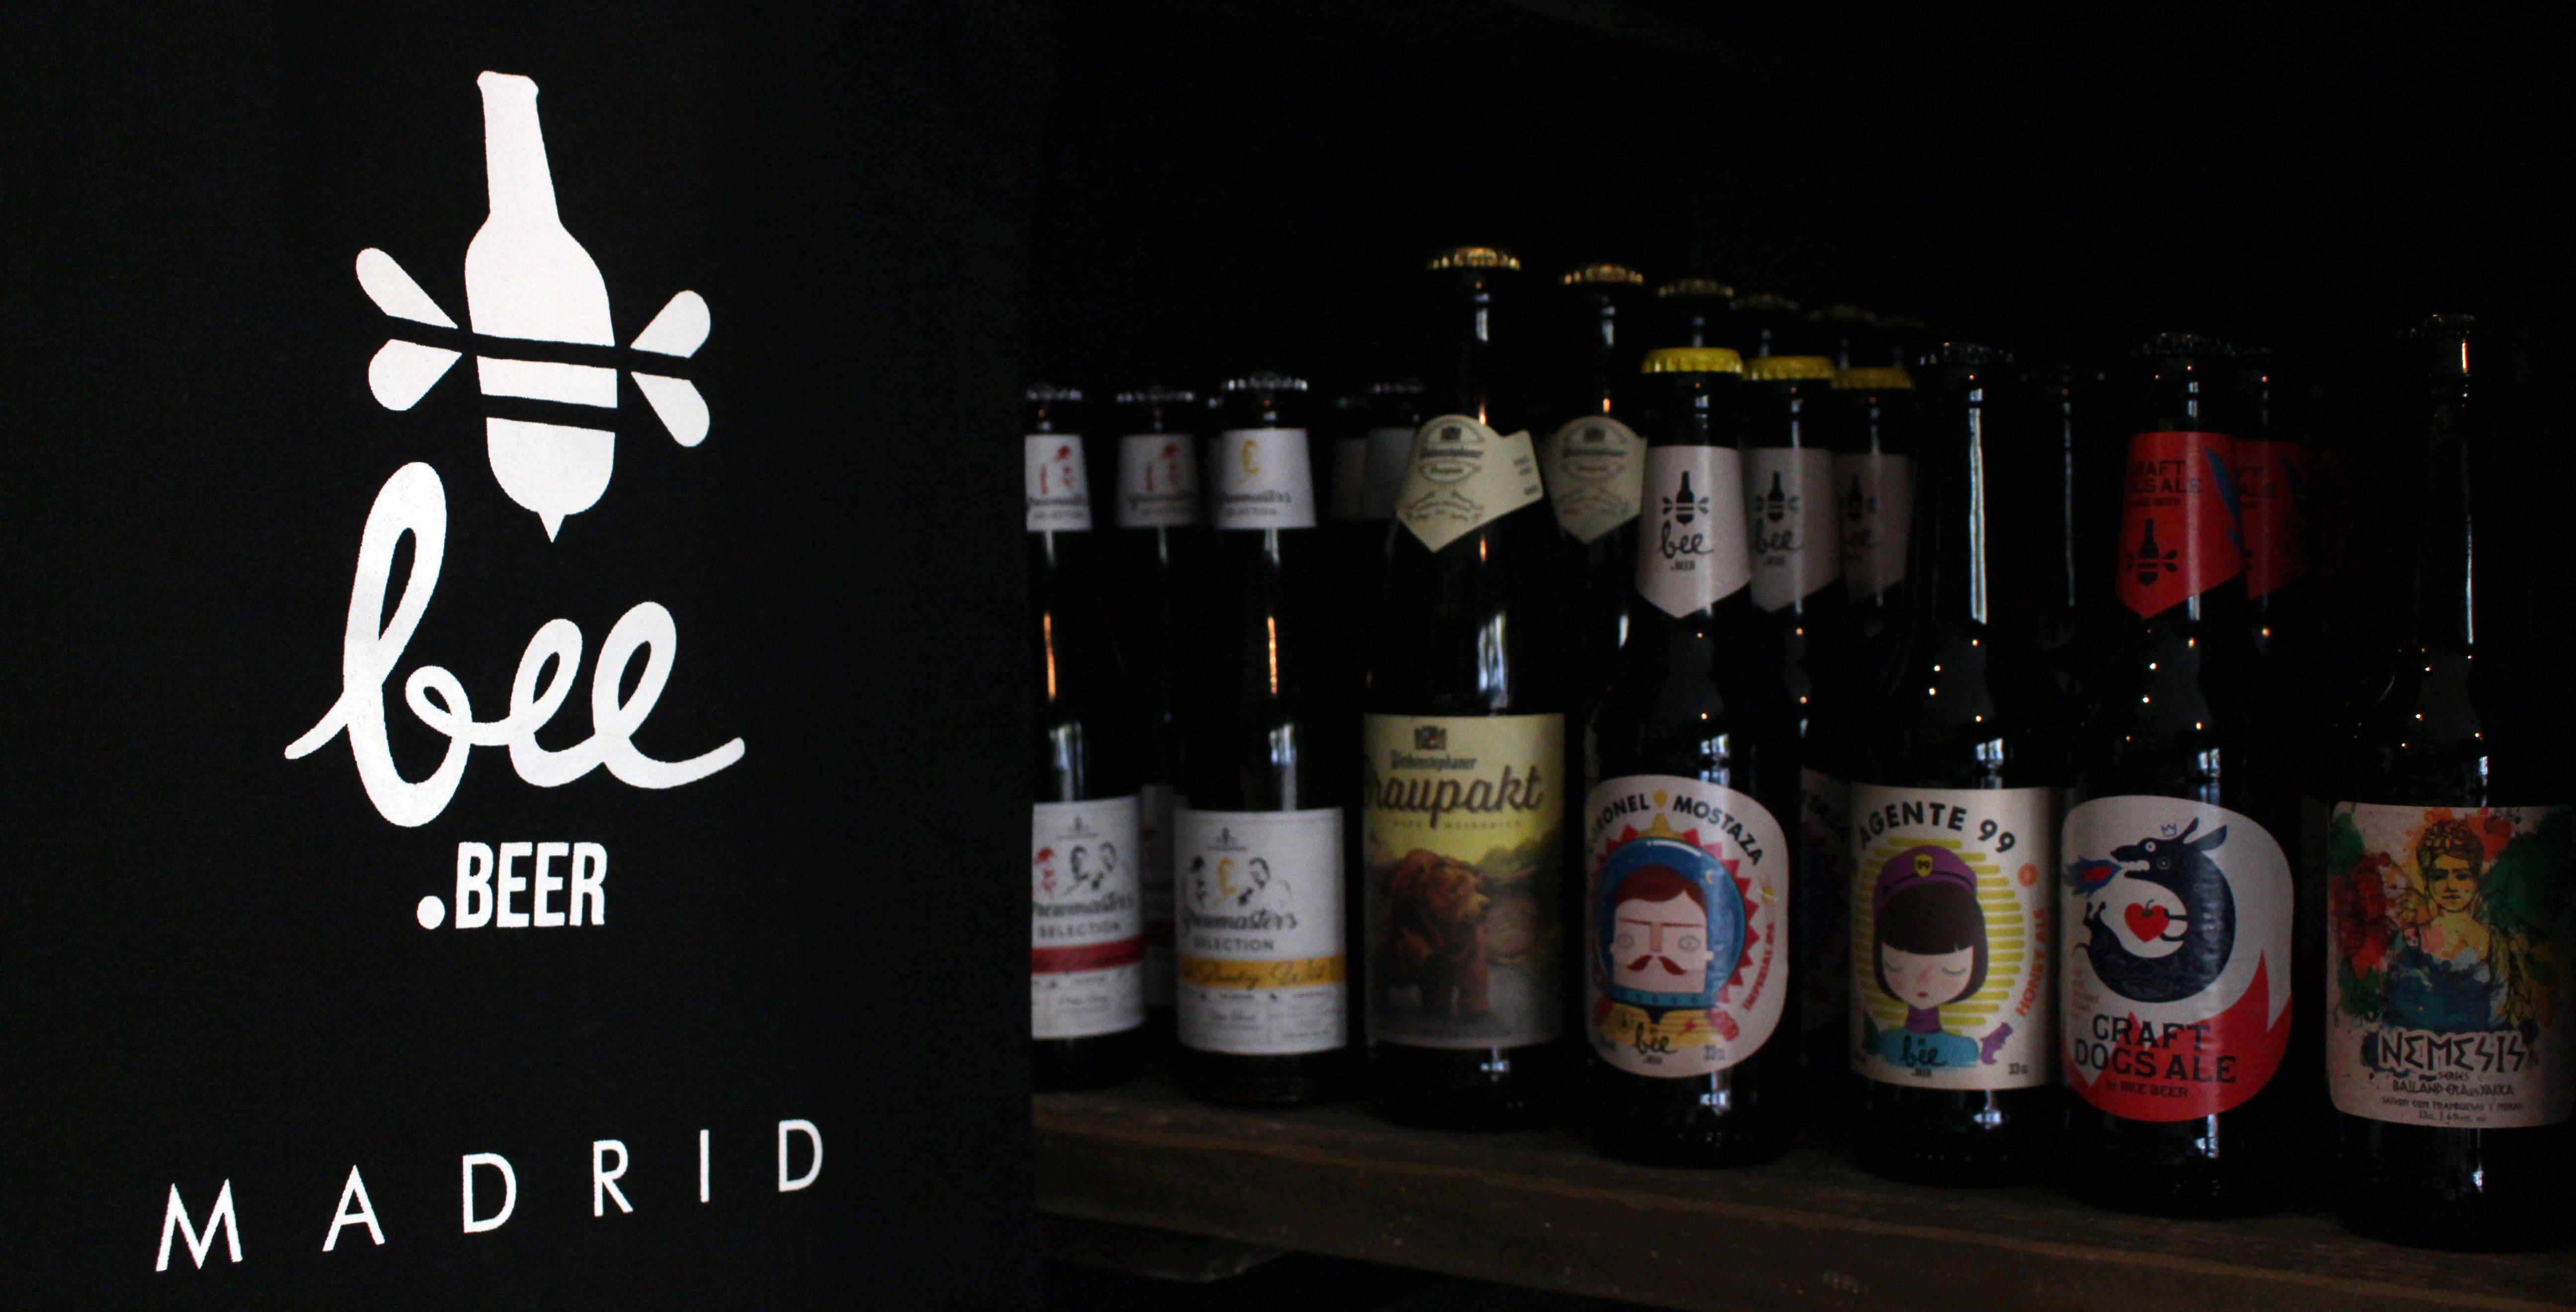 Xavier Losada prevé que la apertura del segundo local llegará en 2019, simultáneamente a otra rama de negocio: el diseño de cervezas para restaurantes.